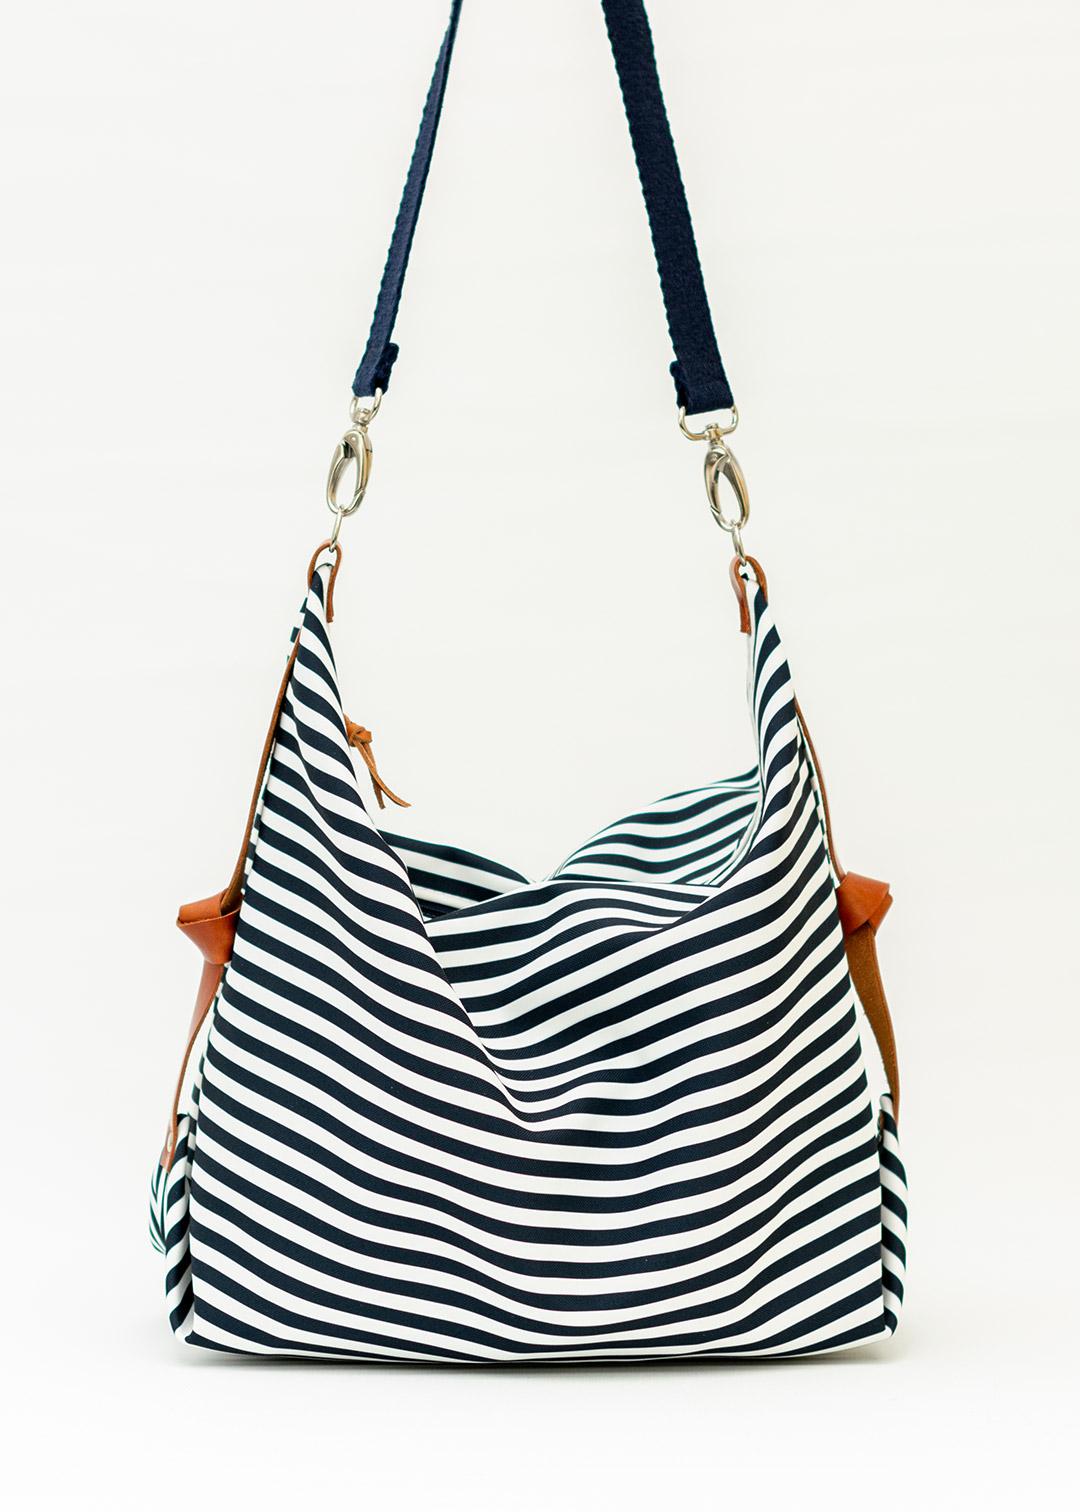 Marabara y sus bolsos a rayas marineras ideales para ir a la playa